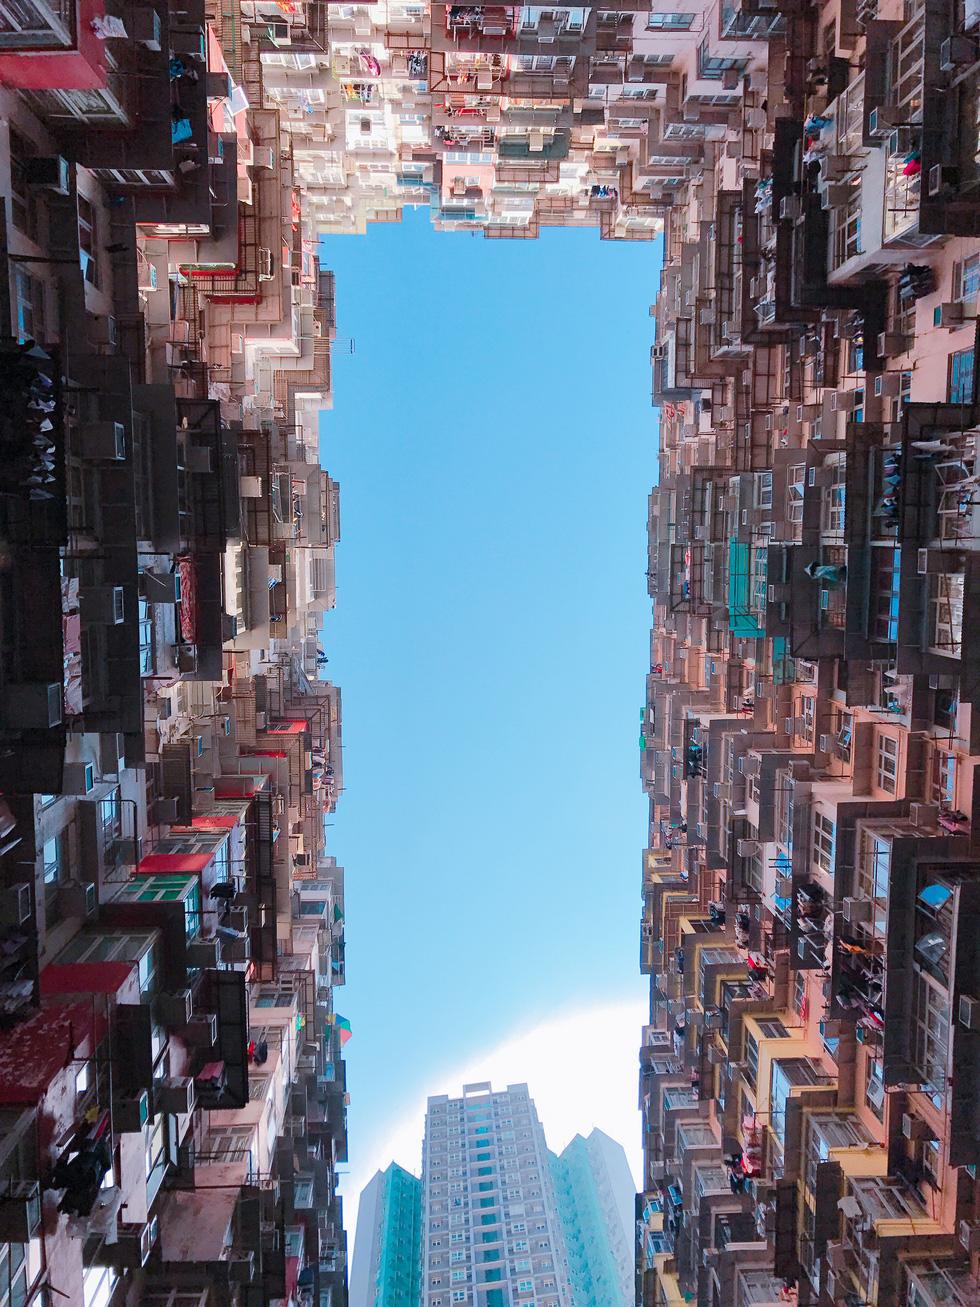 Montane Mansion - chung cư nhìn mỏi cổ ở Hong Kong - Ảnh 1.